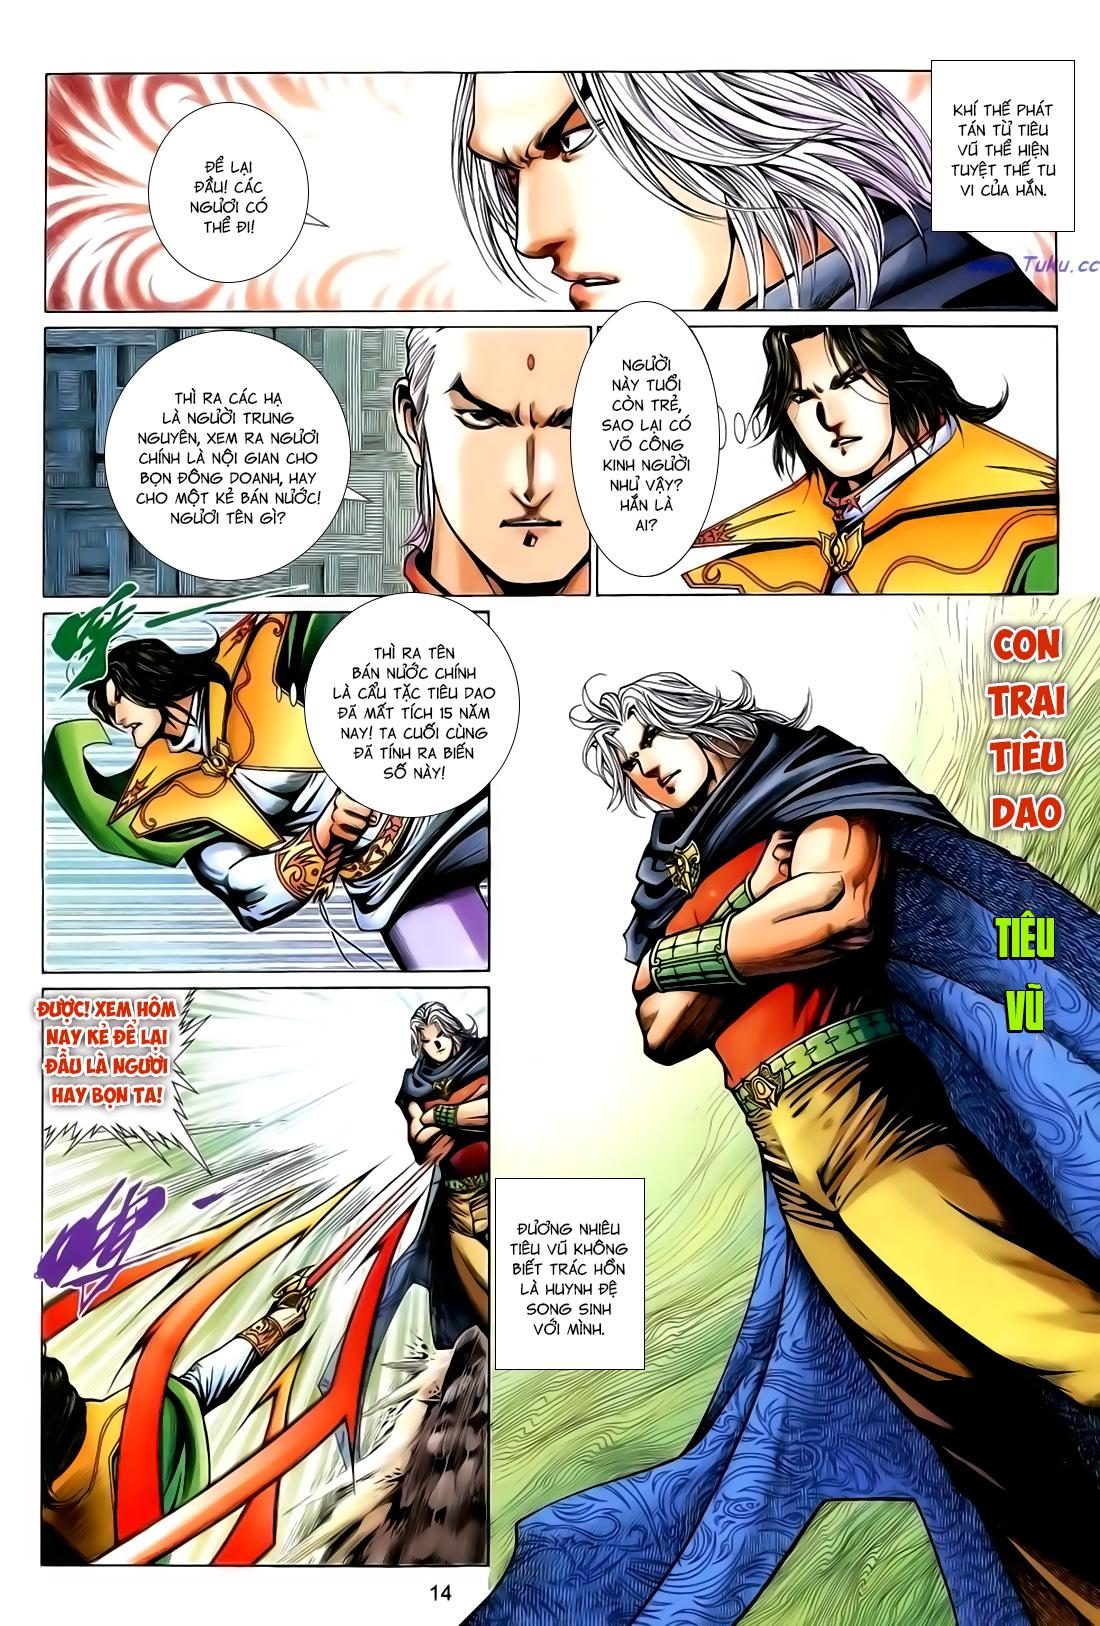 Anh Hùng Vô Lệ Chap 167 - Trang 14